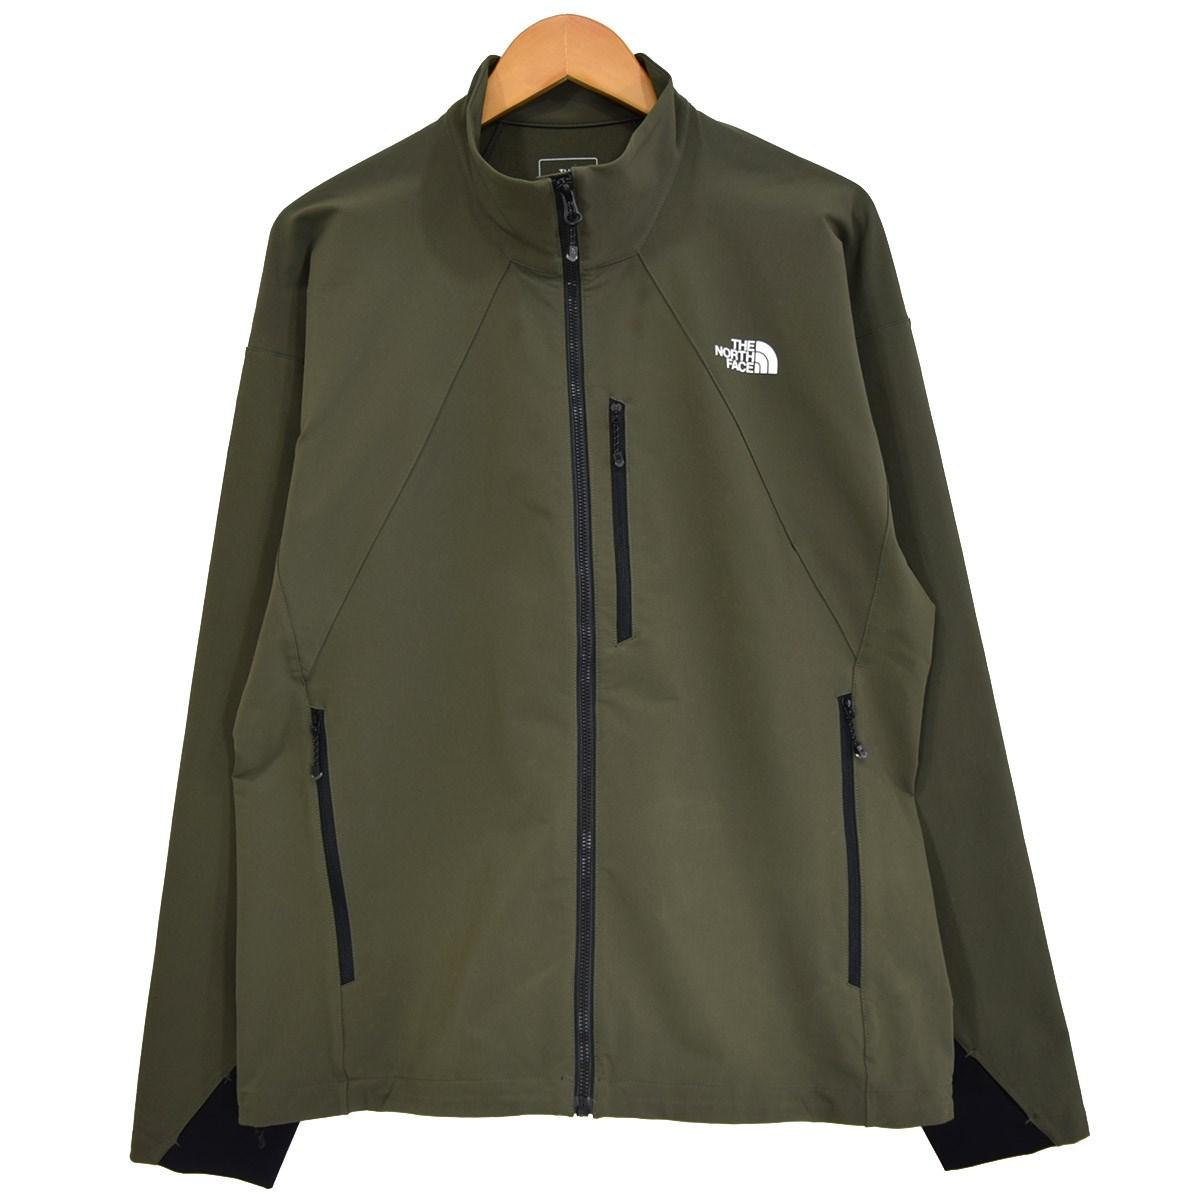 【中古】THE NORTH FACE Hammerhead Jacket ハンマーヘッドジャケット NP21903 オリーブ サイズ:L 【100420】(ザノースフェイス)